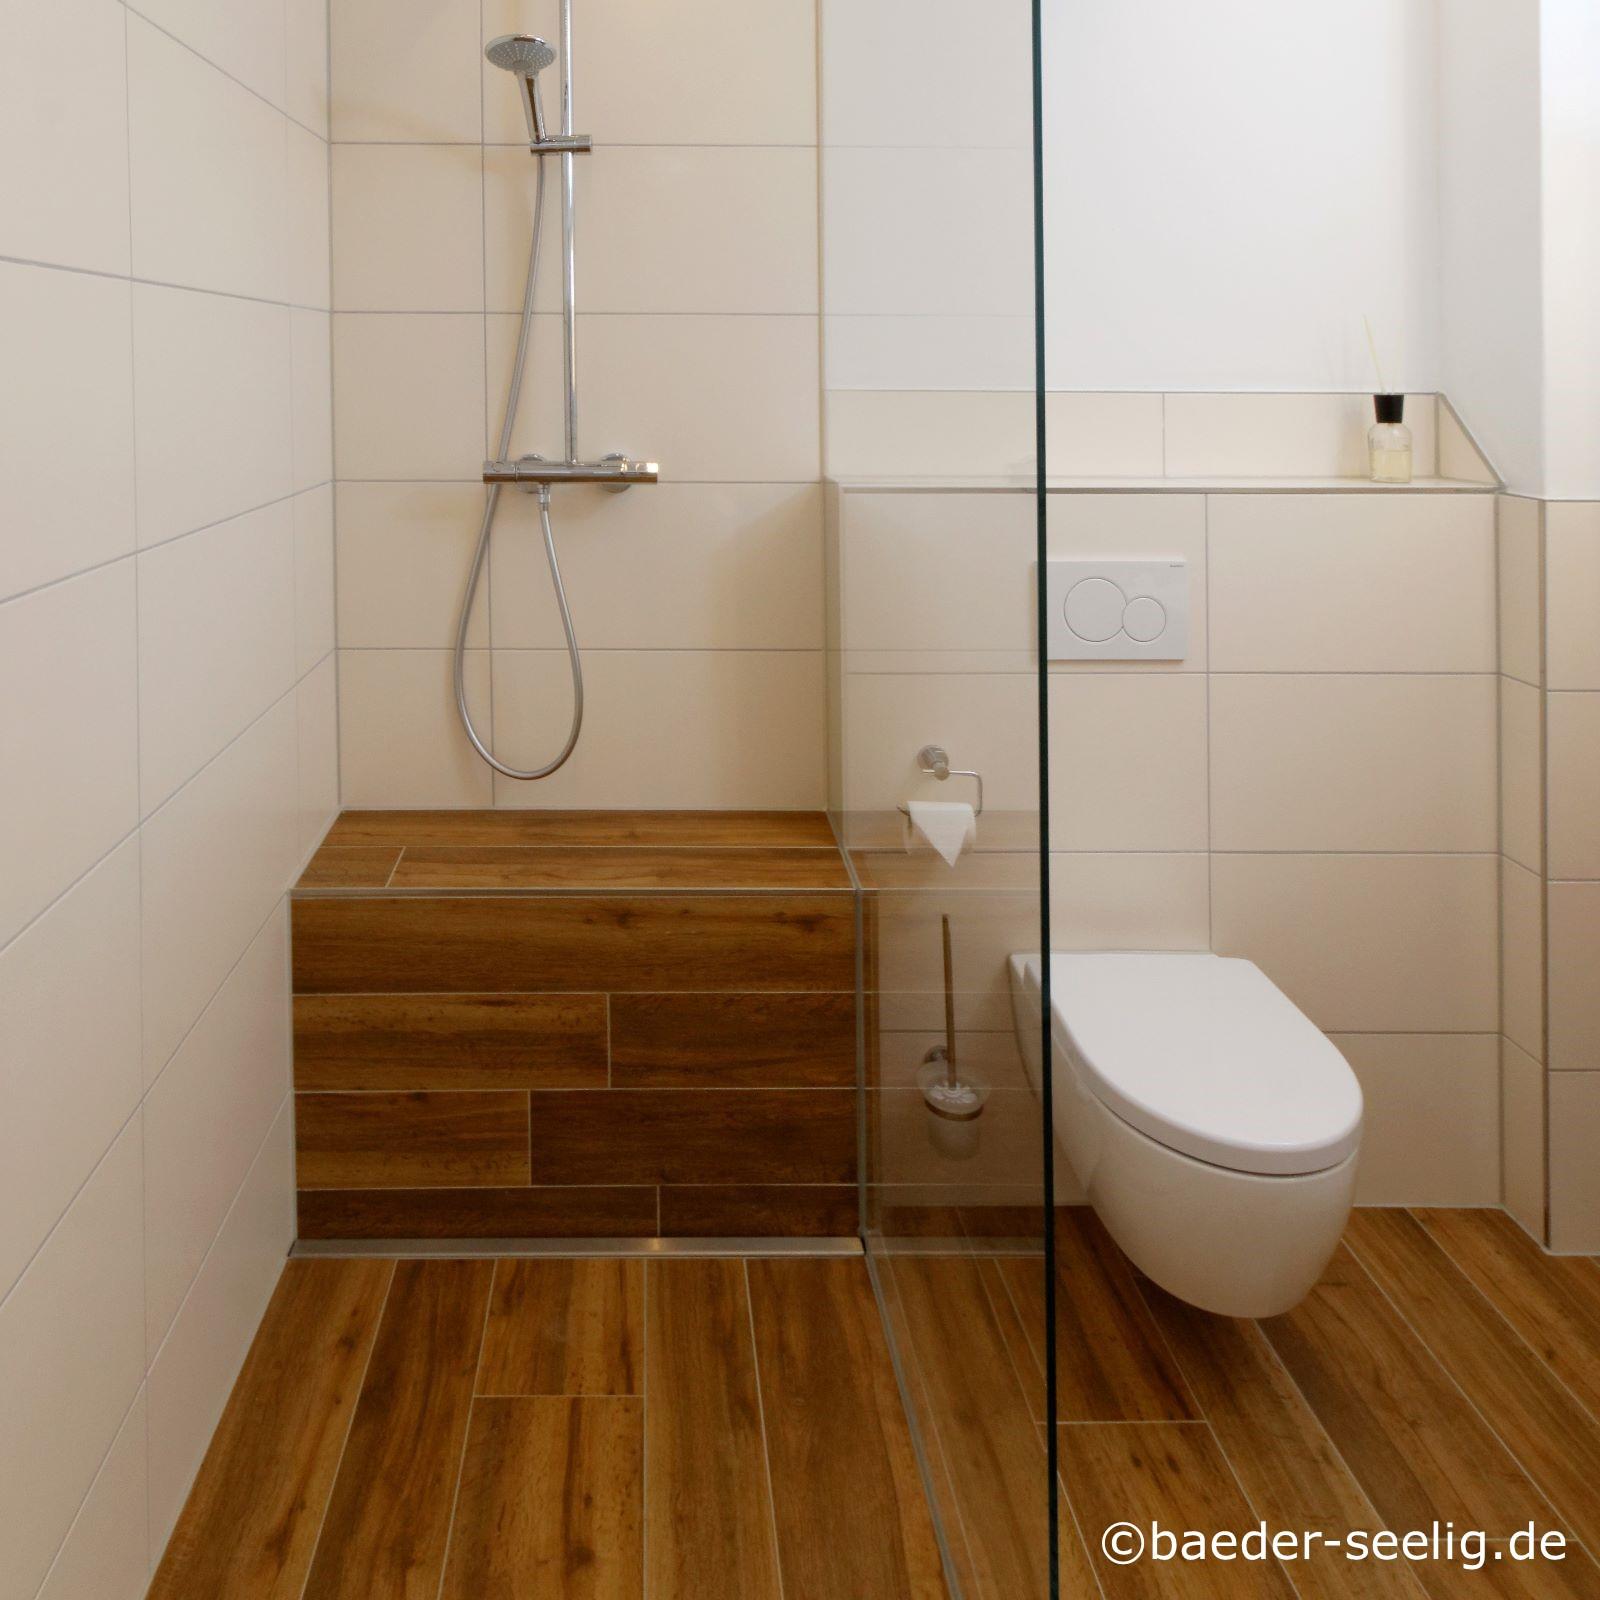 Abgebildet ist eine begehbare dusche links im bild in einer wandecke, rechts davon das weisse wc. Die ganzglas-duschabtrennung ist genau an der linken seite des umfliesten wc-spuelkastens gesetzt worden. Der boden und die duschbank hinten in der bodentiefen dusche sind in holzoptik gefliest, die waende mit einer weissen grossen fliese. Die v4a edelstahl-duschrinne wurde in dieser badrenovierung im baubestand ausgewaehlt, da sie als flachste bodenablaufrinne nach mass cm-genau in der genau passenden sonderanfertigung fuer diese dusche konfiguriert werden konnte. So war auch die einfache herstellung des einseitigen estrichs und einfache verlegung grosser fliesen im bodenbereich der walk-in-dusche nach mass moeglich.